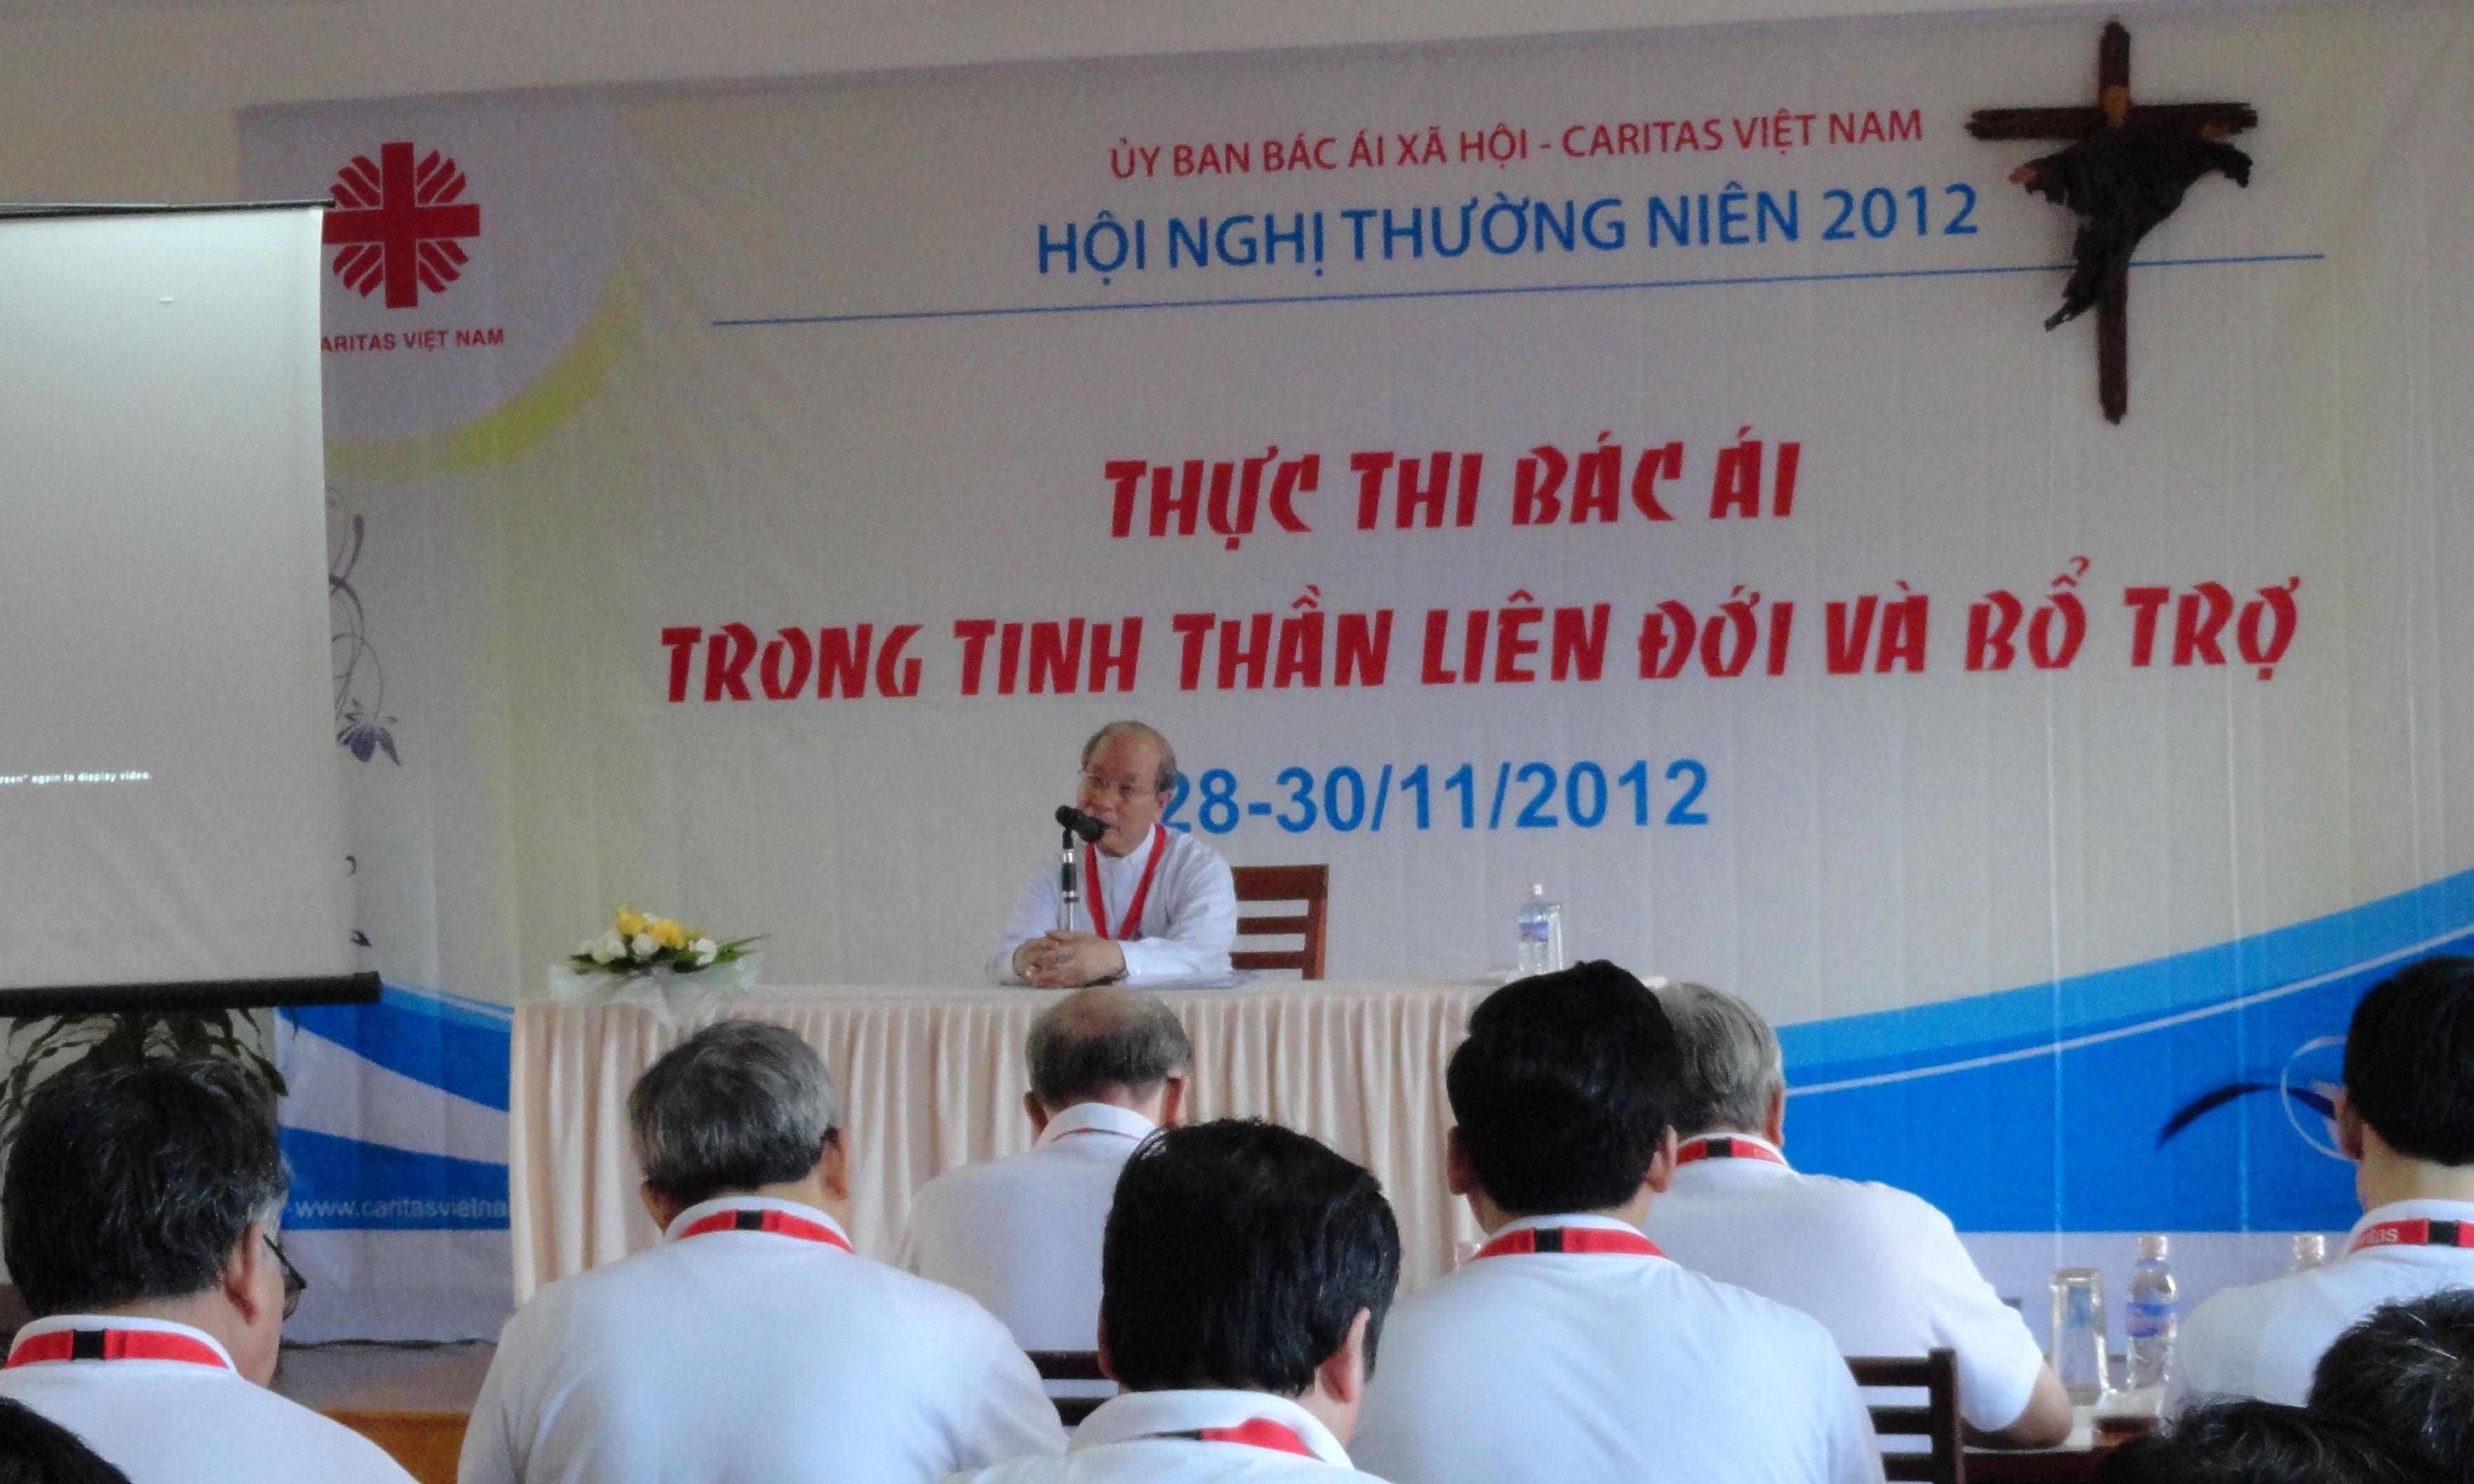 Caritas Việt Nam: HNTN 2012